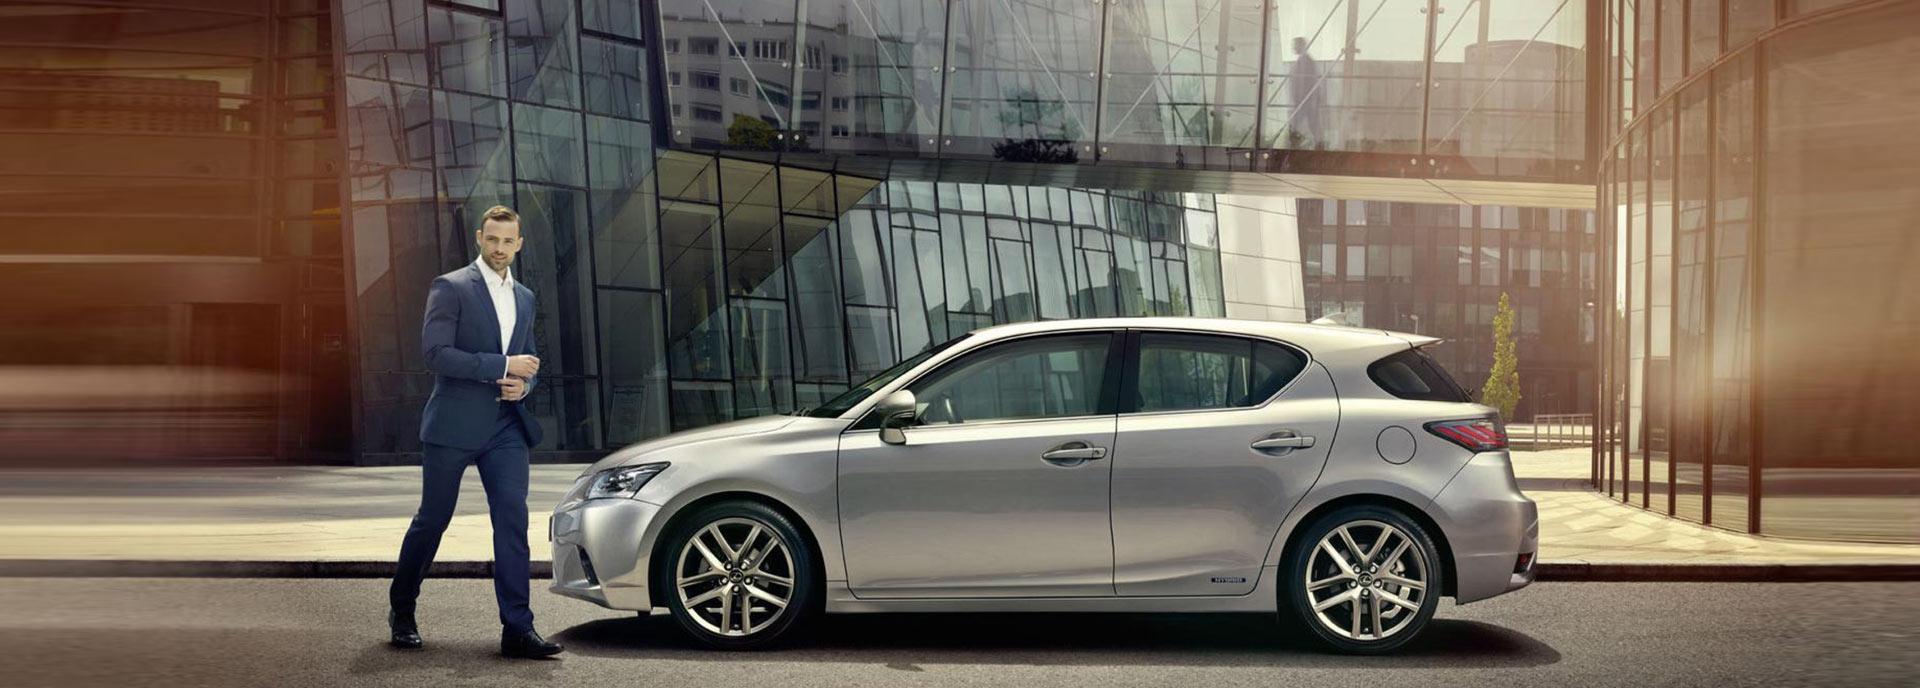 Lexus CT 200h Luxury Line achterkant zilvergrijs